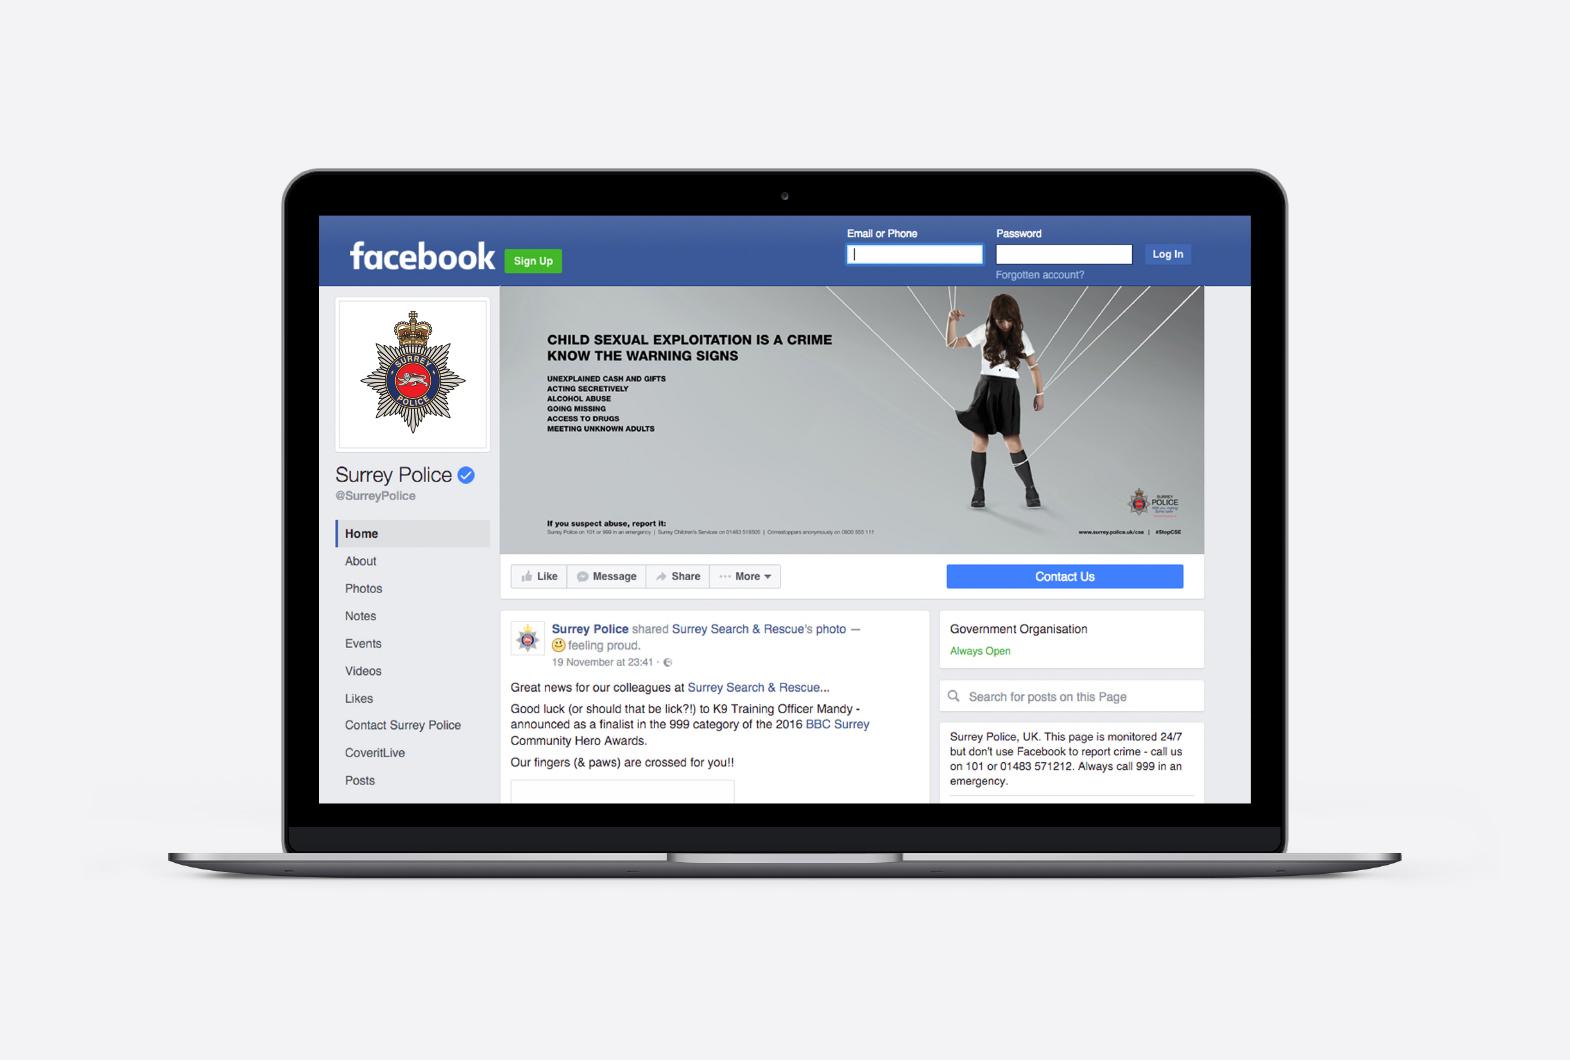 Surrey Police Facebook page